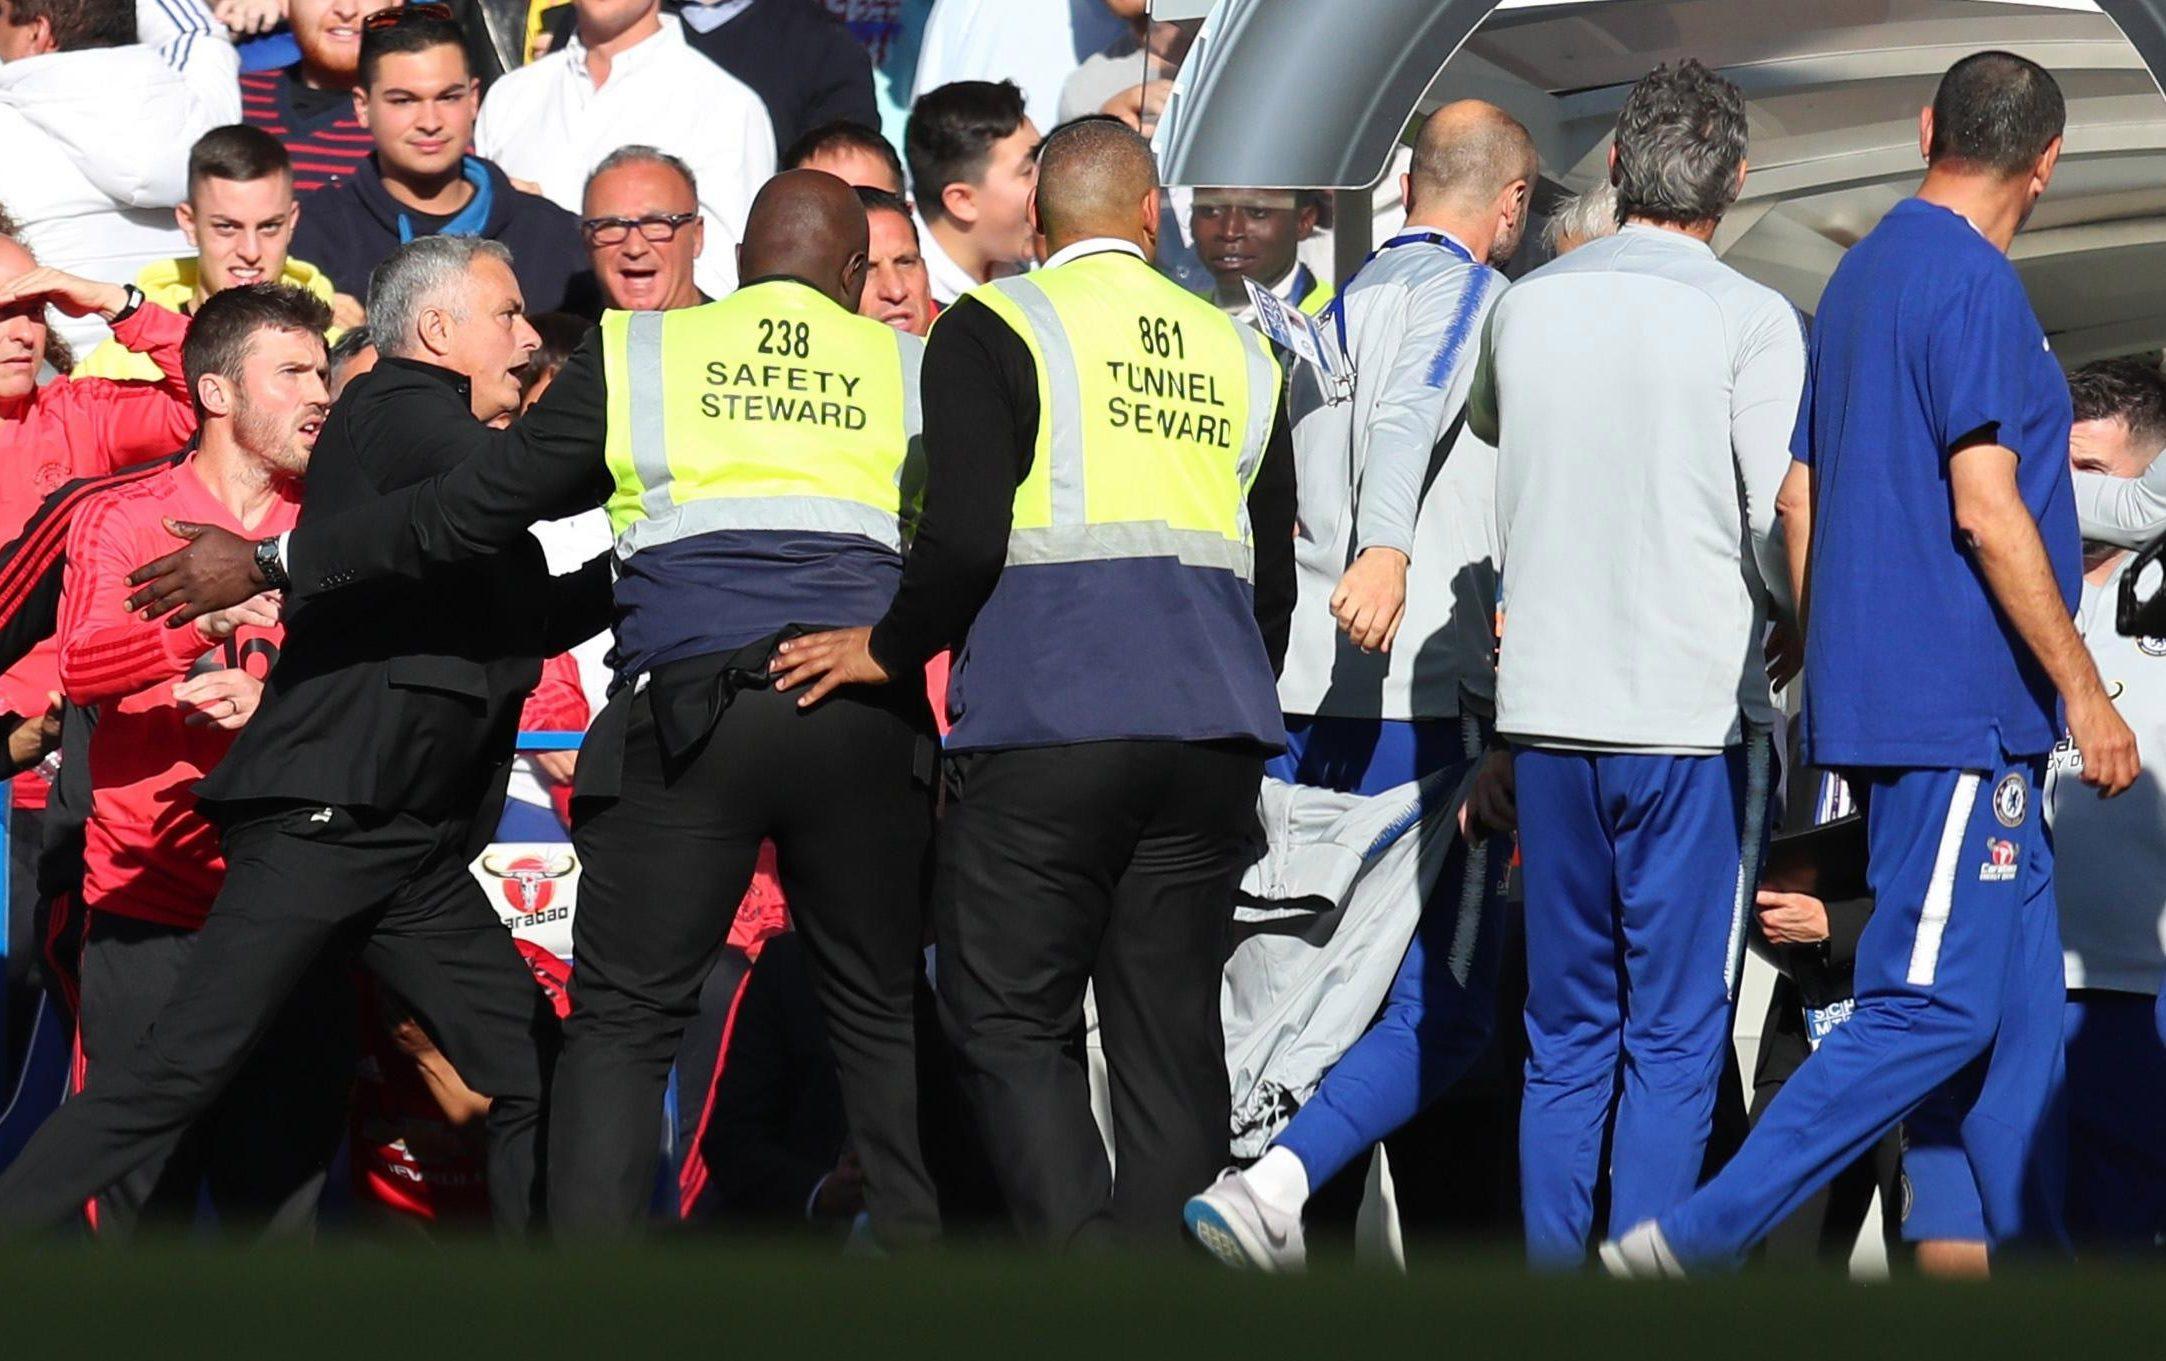 Chelsea coach Marco Ianni sparked a row with Jose Mourinho with a celebratory jibe